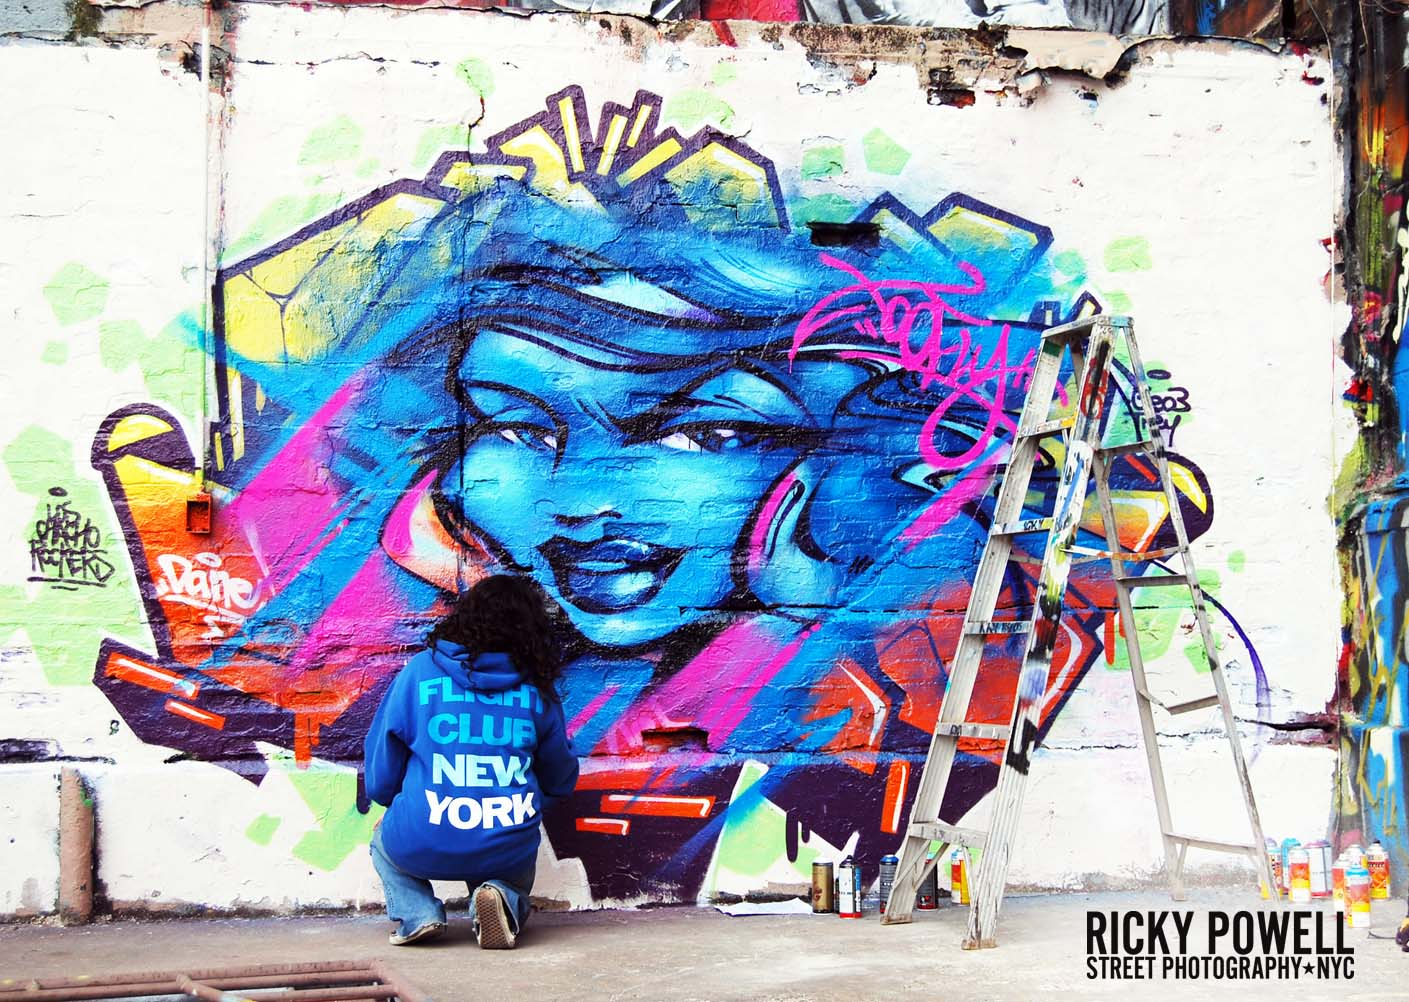 Toofly_Ricky-Powell1